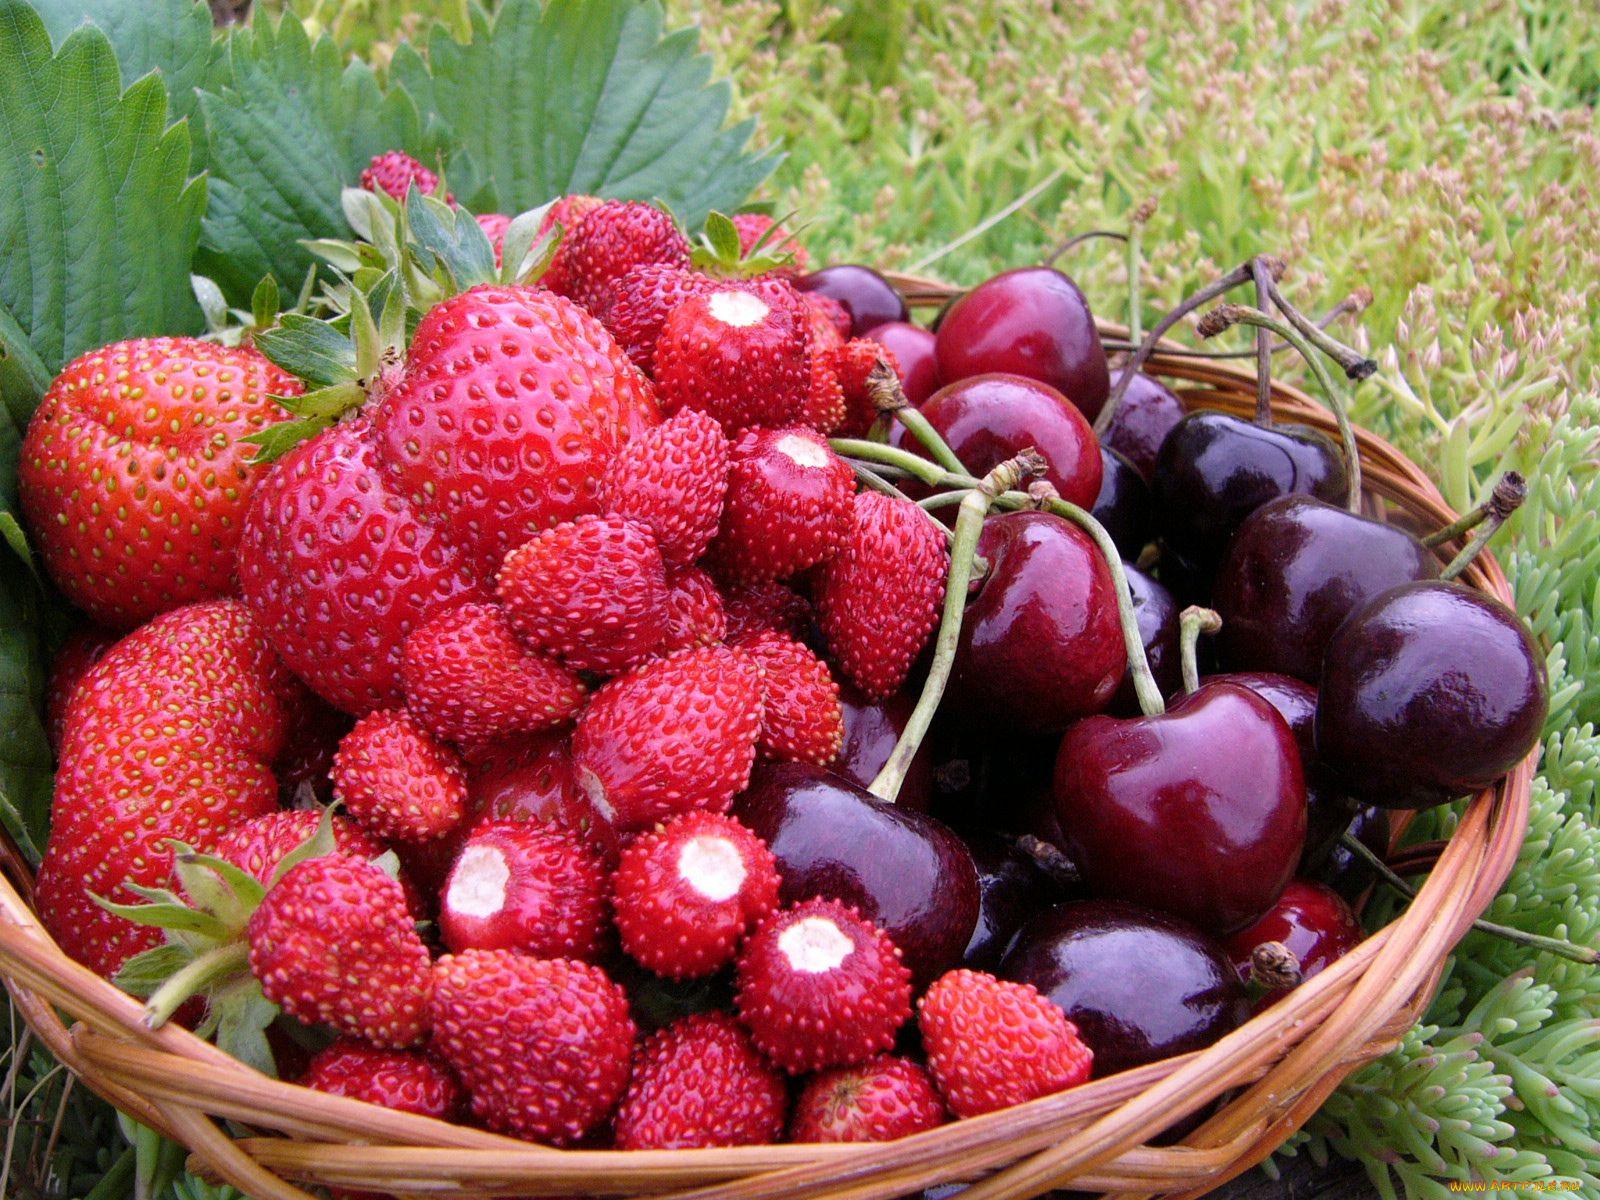 картинки июньские ягоды недавно все